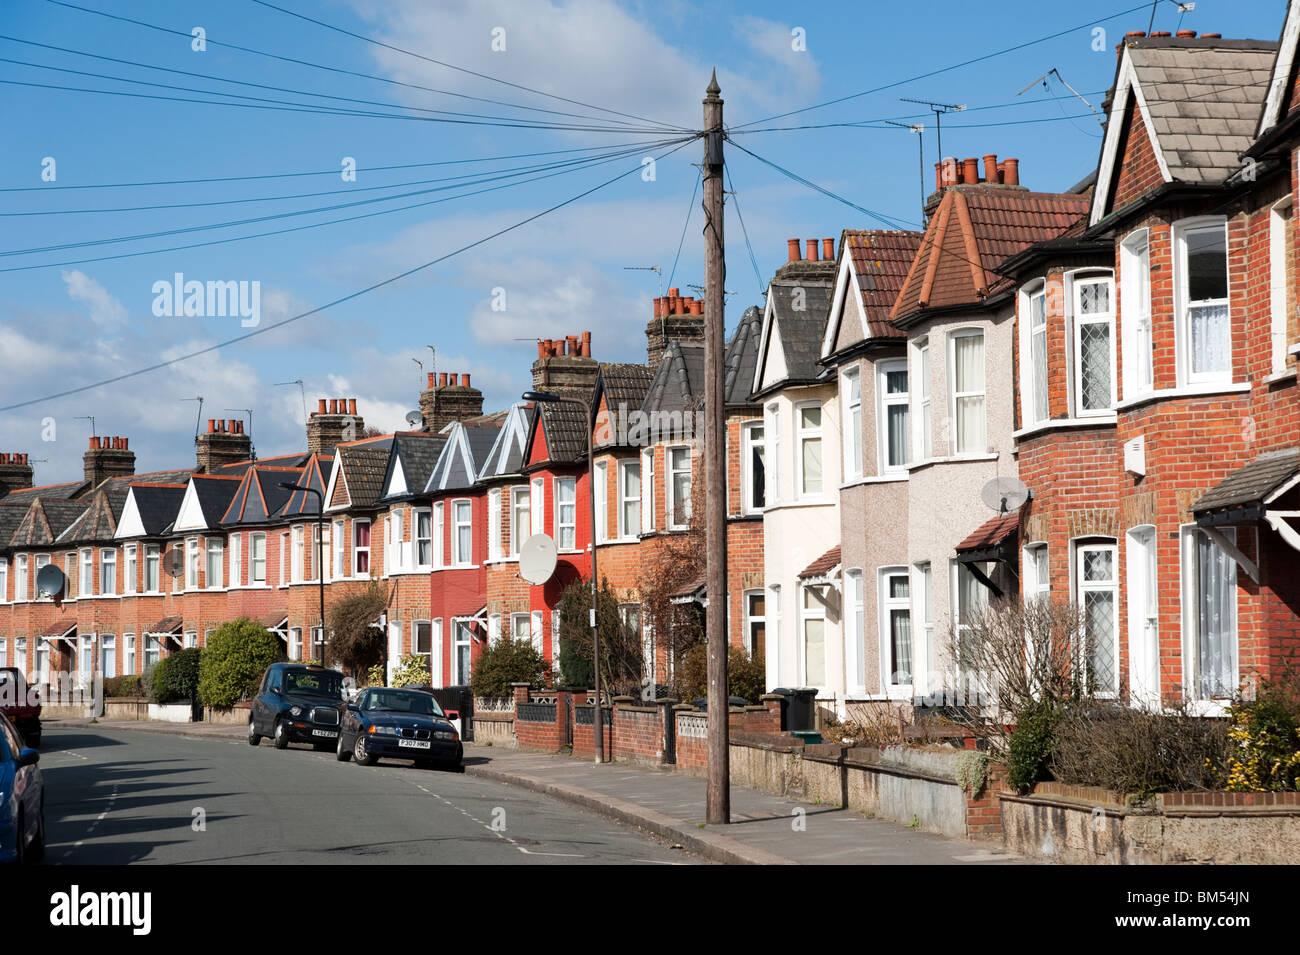 Rangée de maisons mitoyennes dans rue résidentielle, London, England, UK Photo Stock